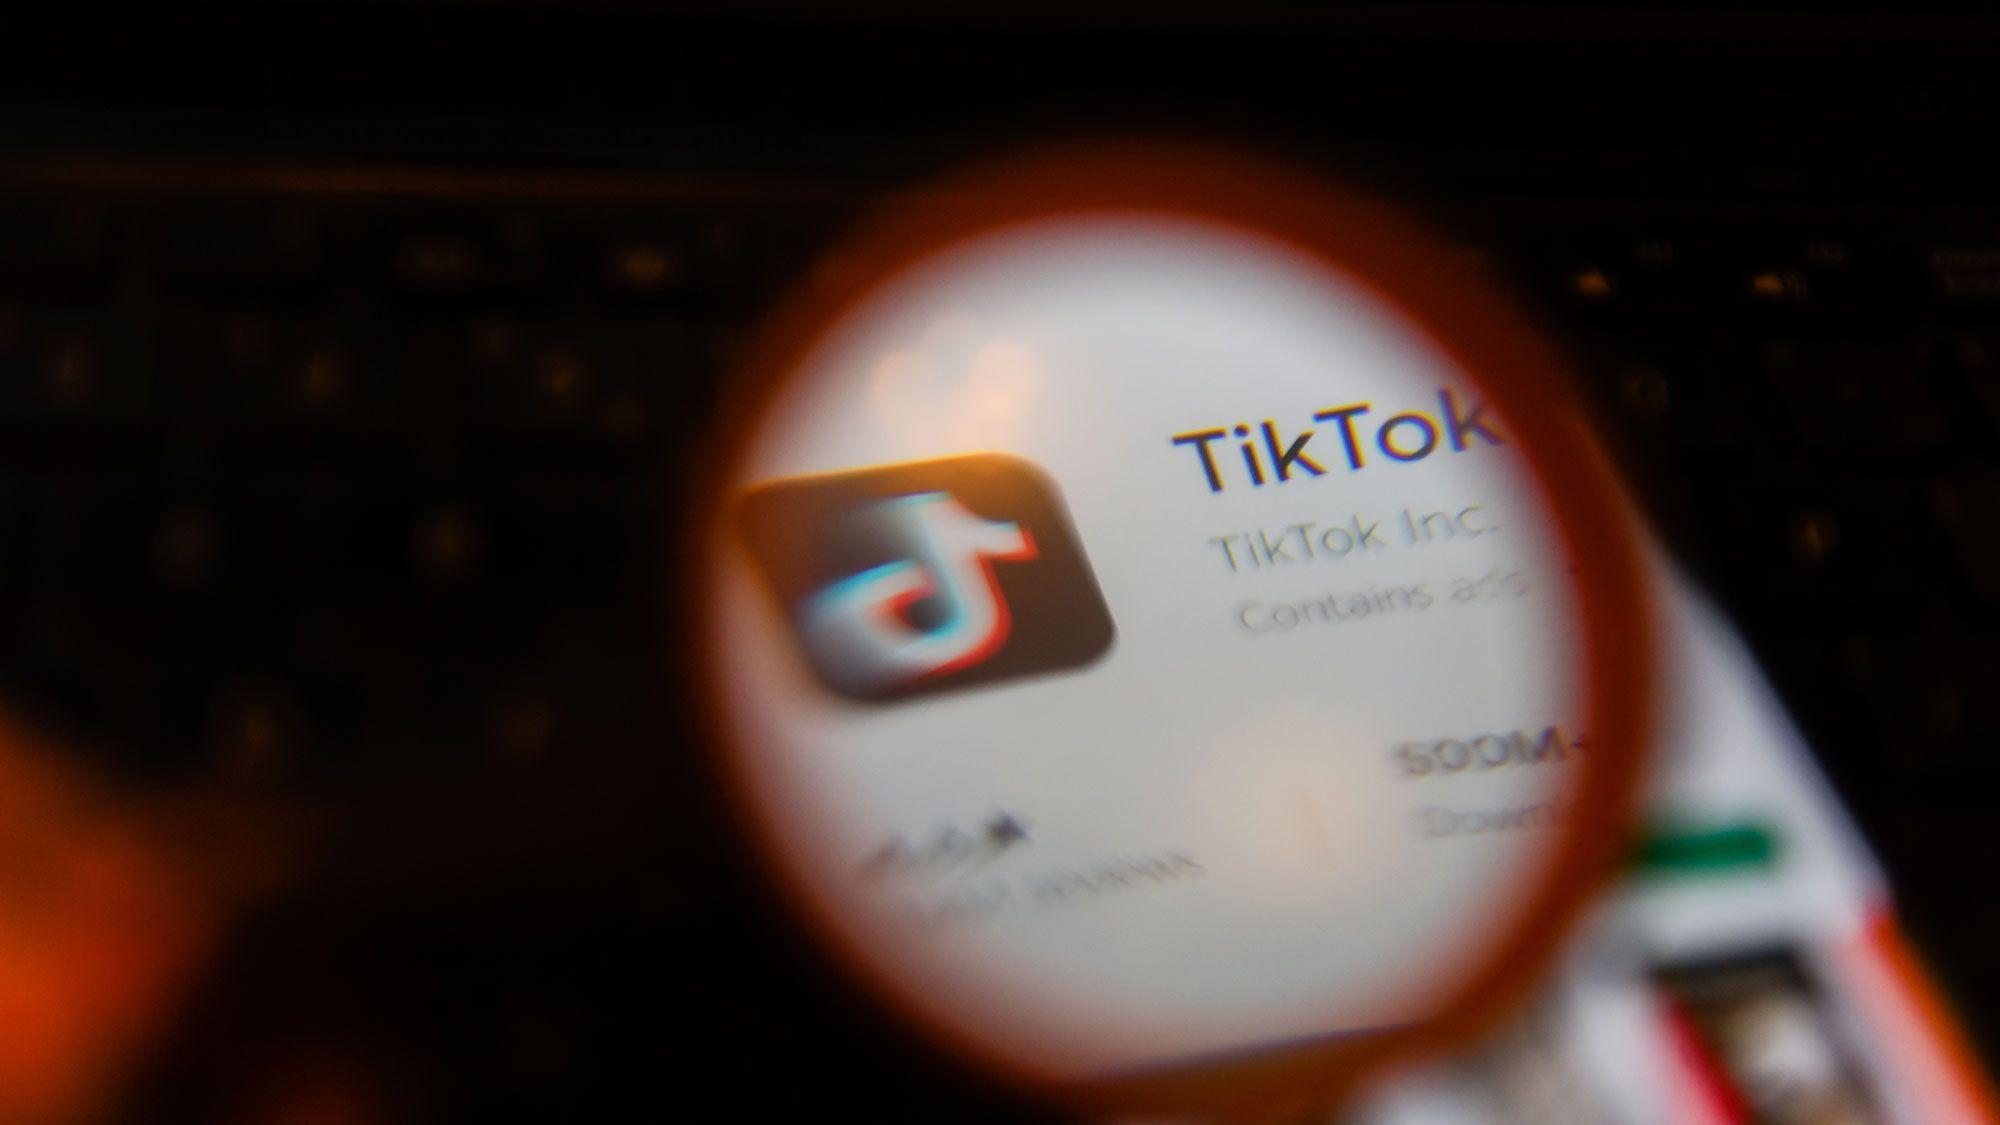 ティックトックが新ガイドライン、「誤解を招く情報」も禁止